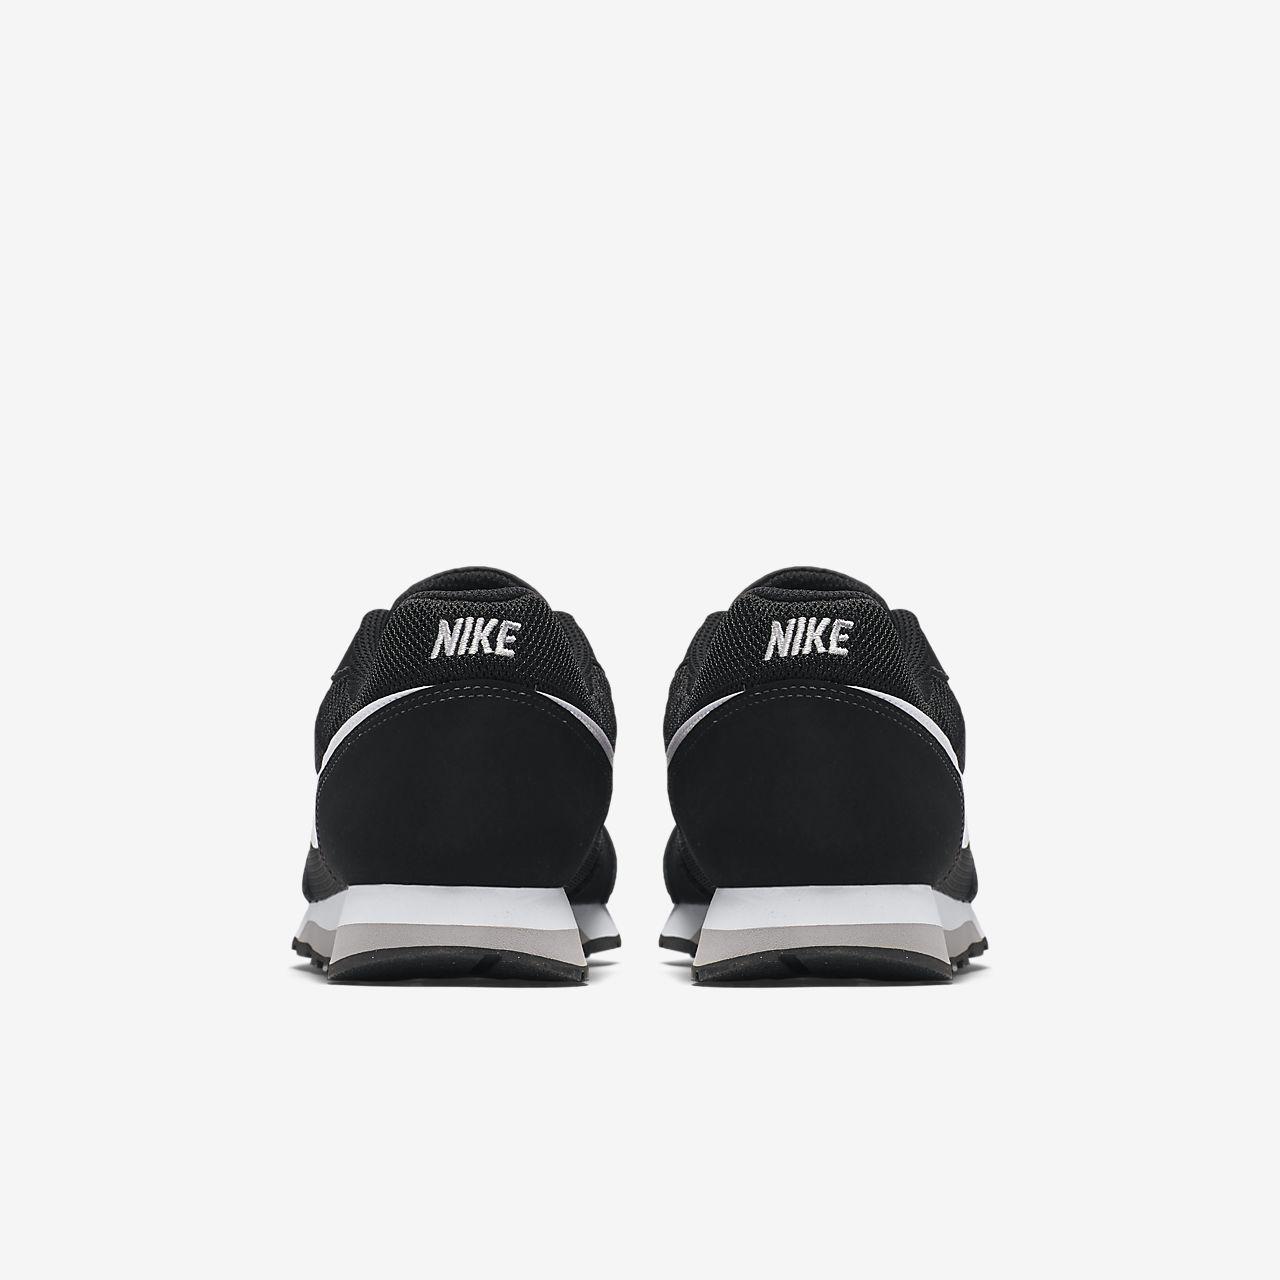 where to buy nike air max 97 triple blanconike air max 97